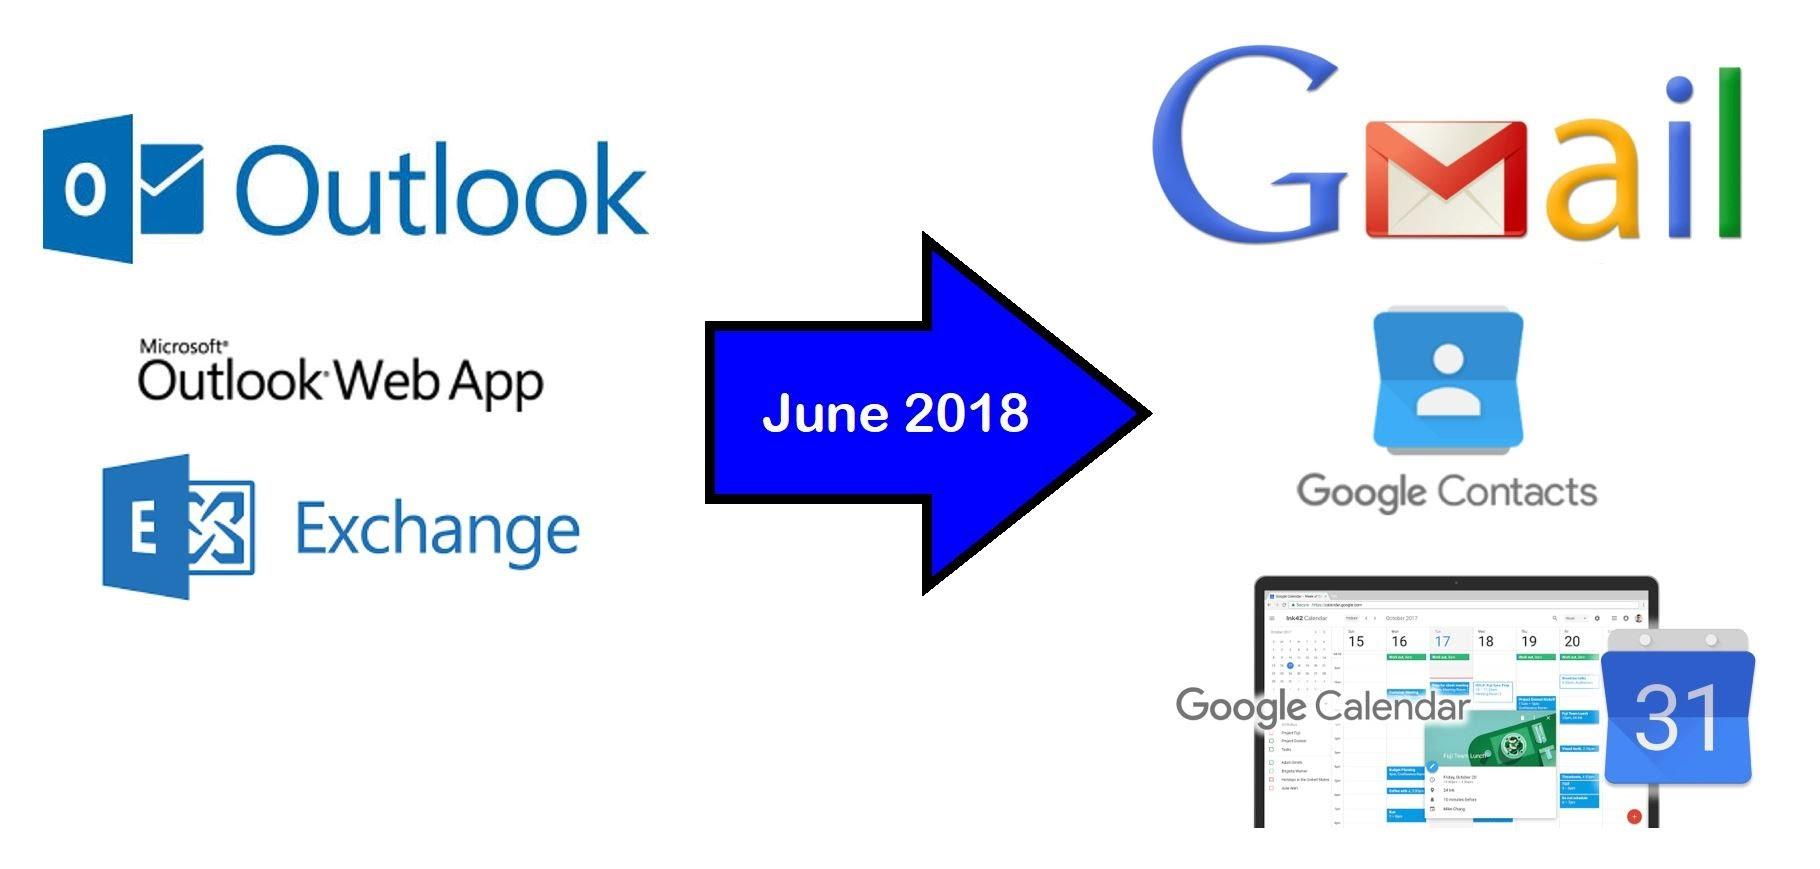 Exchange to Google